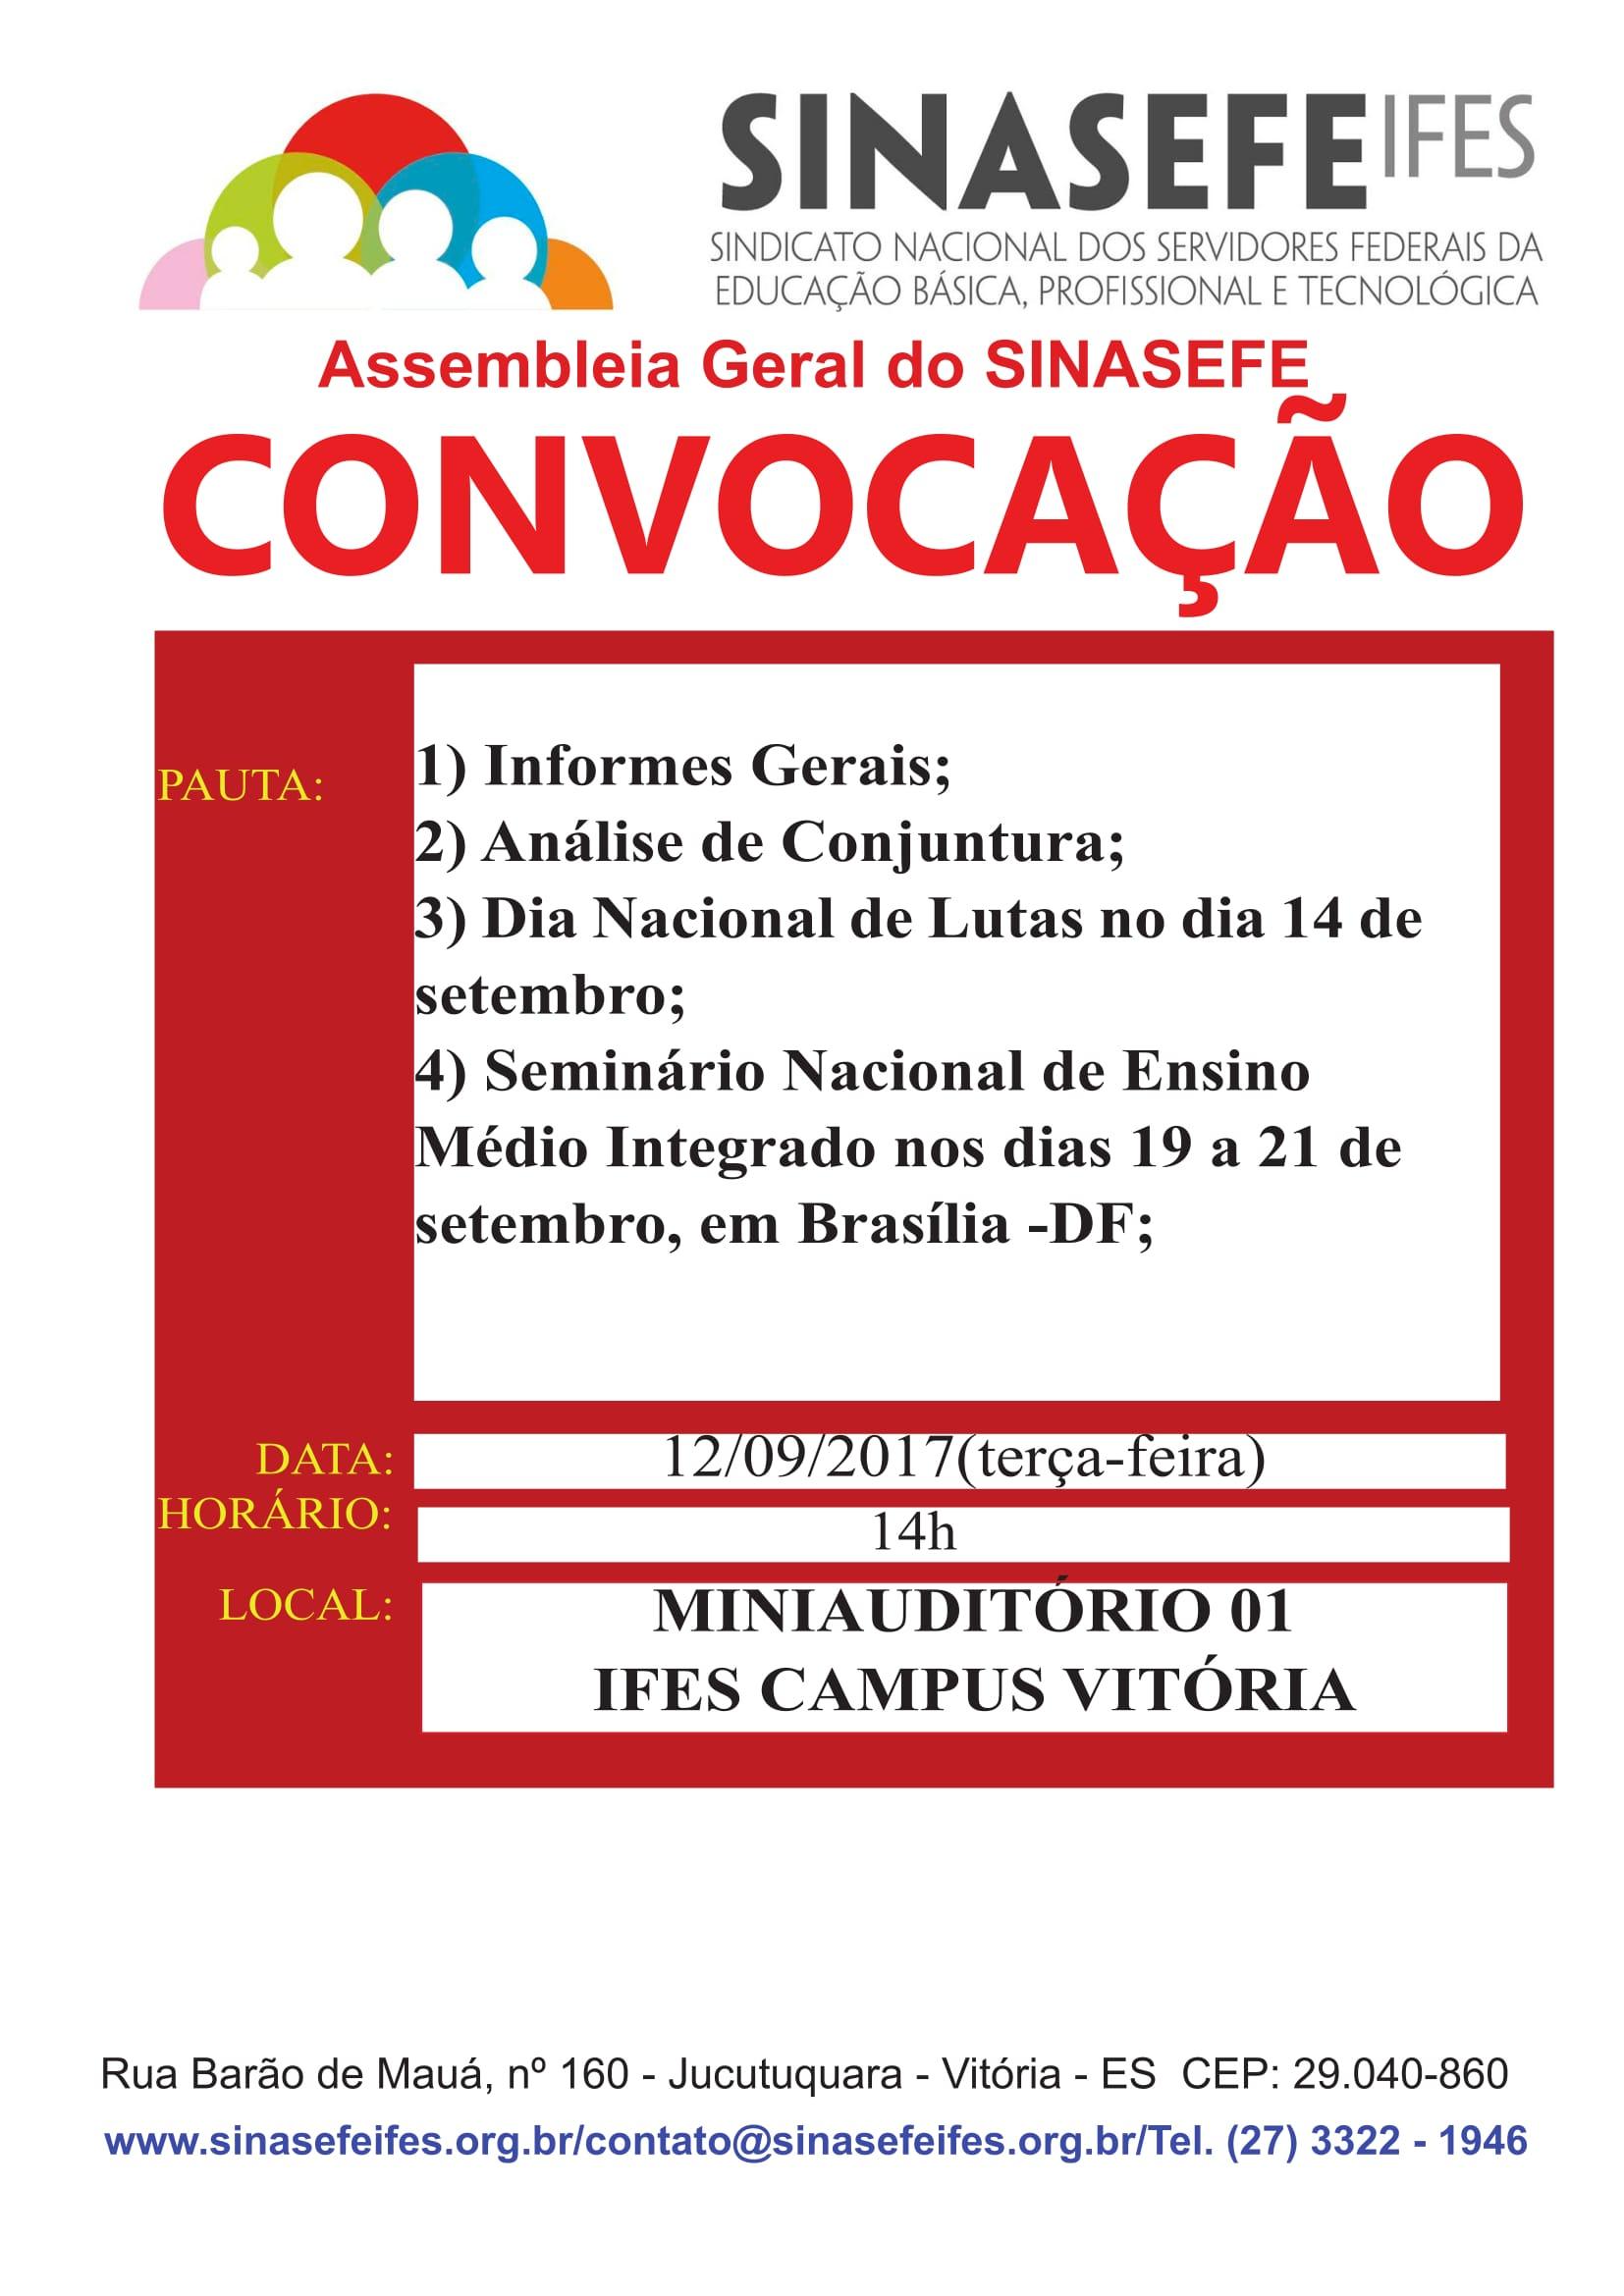 Convocação para assembleia geral -12.09-1